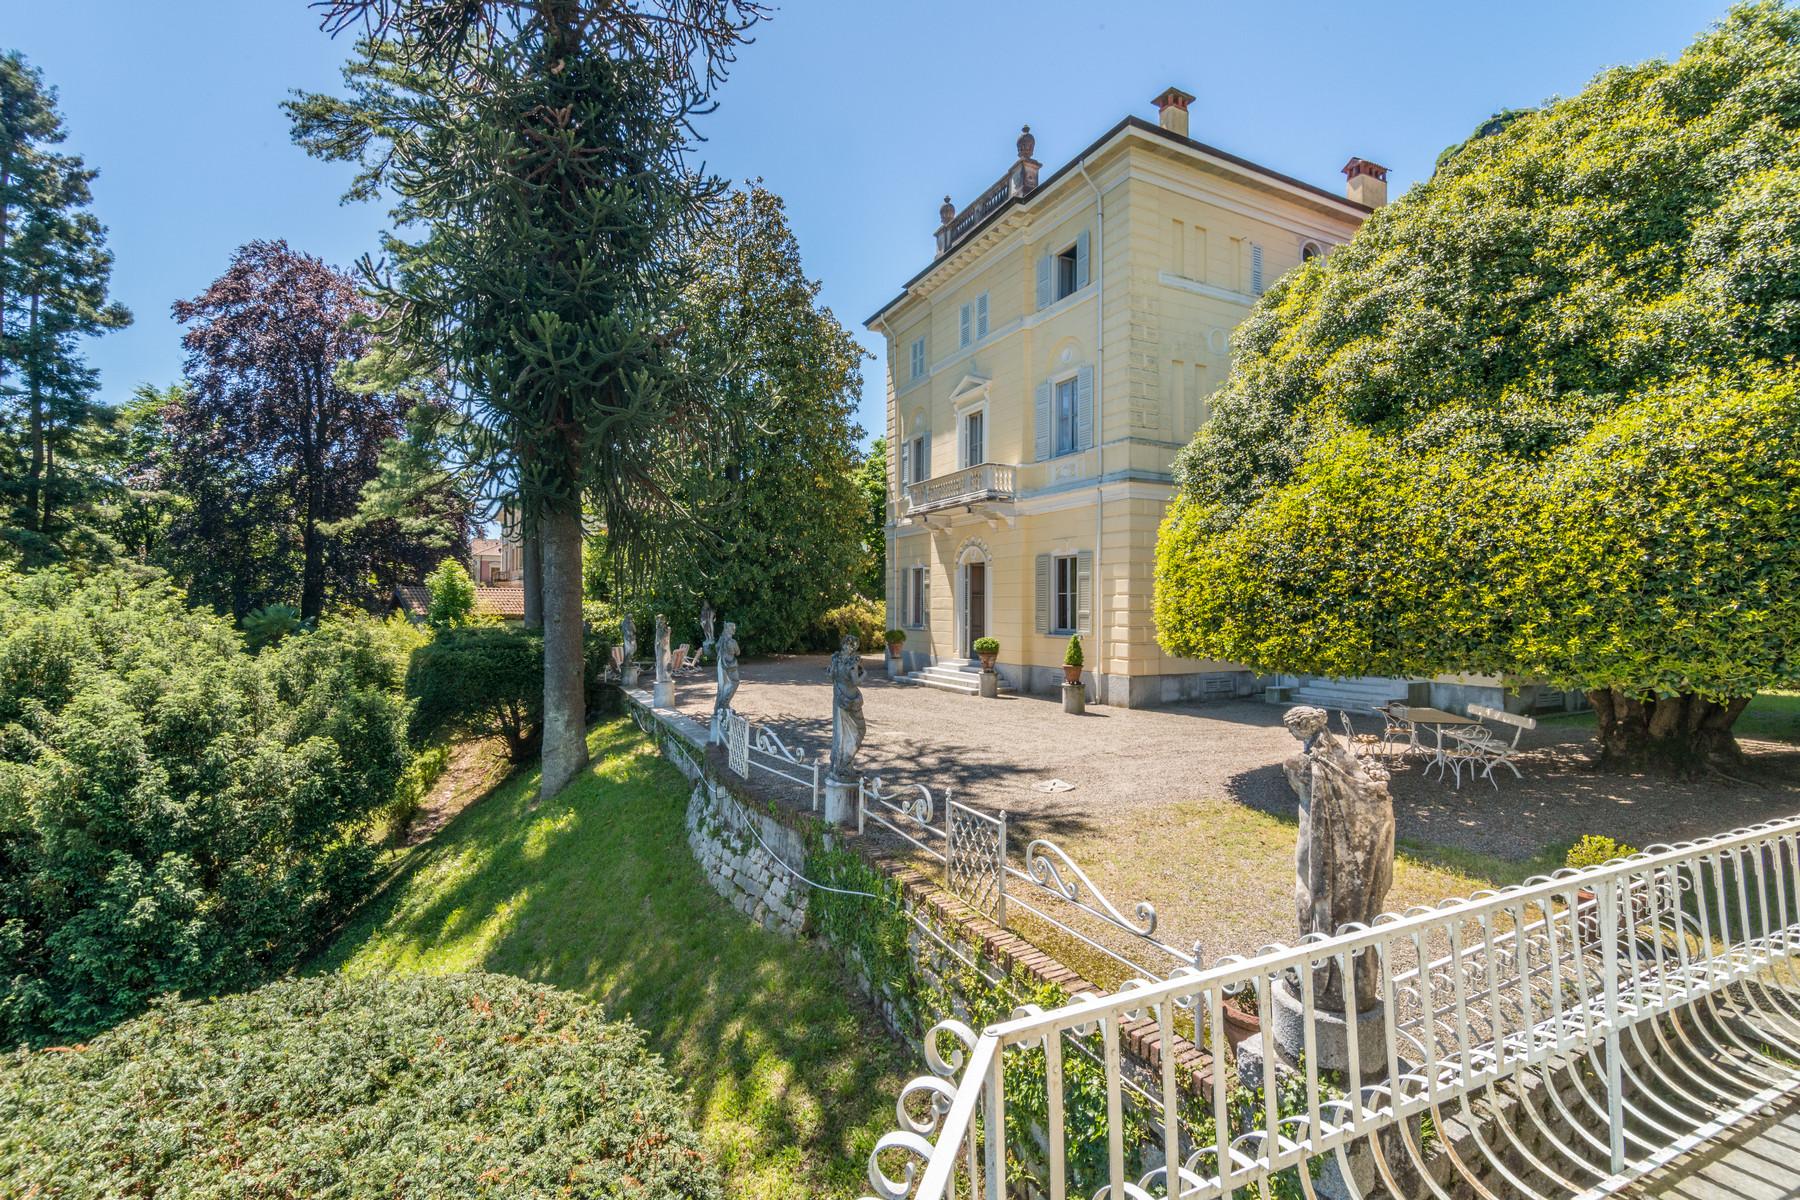 Villa in Vendita a Pella: 5 locali, 702 mq - Foto 1